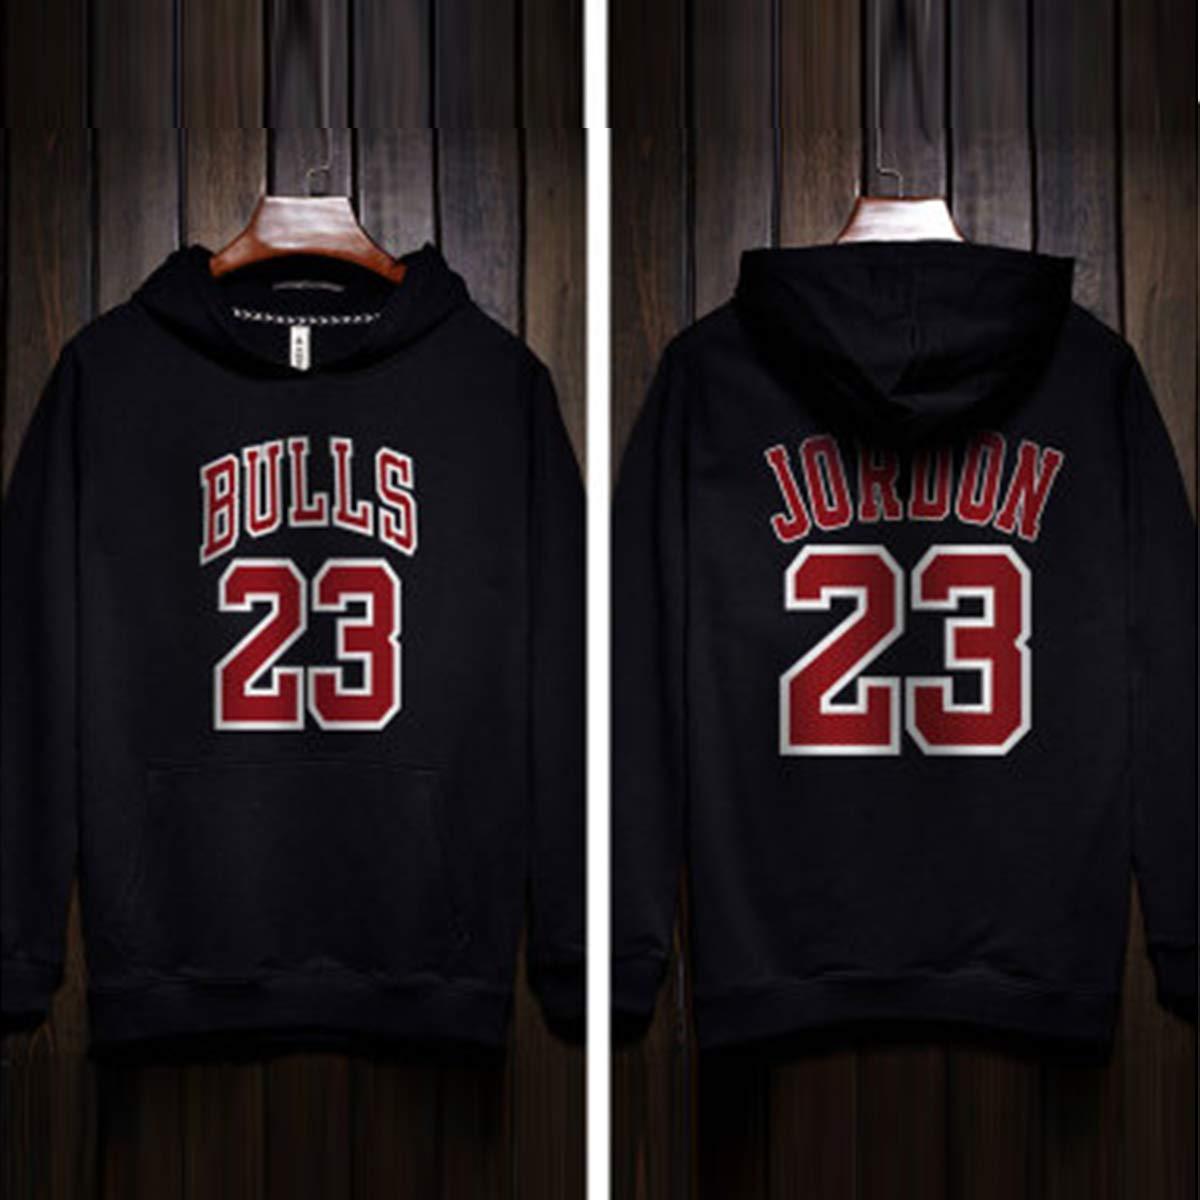 M/änner Hoodie Chicago Bulls Basketball Jersey Hoodie Mode Sweatshirt Pullover Komfortables T-Shirt Teenager Sportanz/üge Hip Hop Hoodies